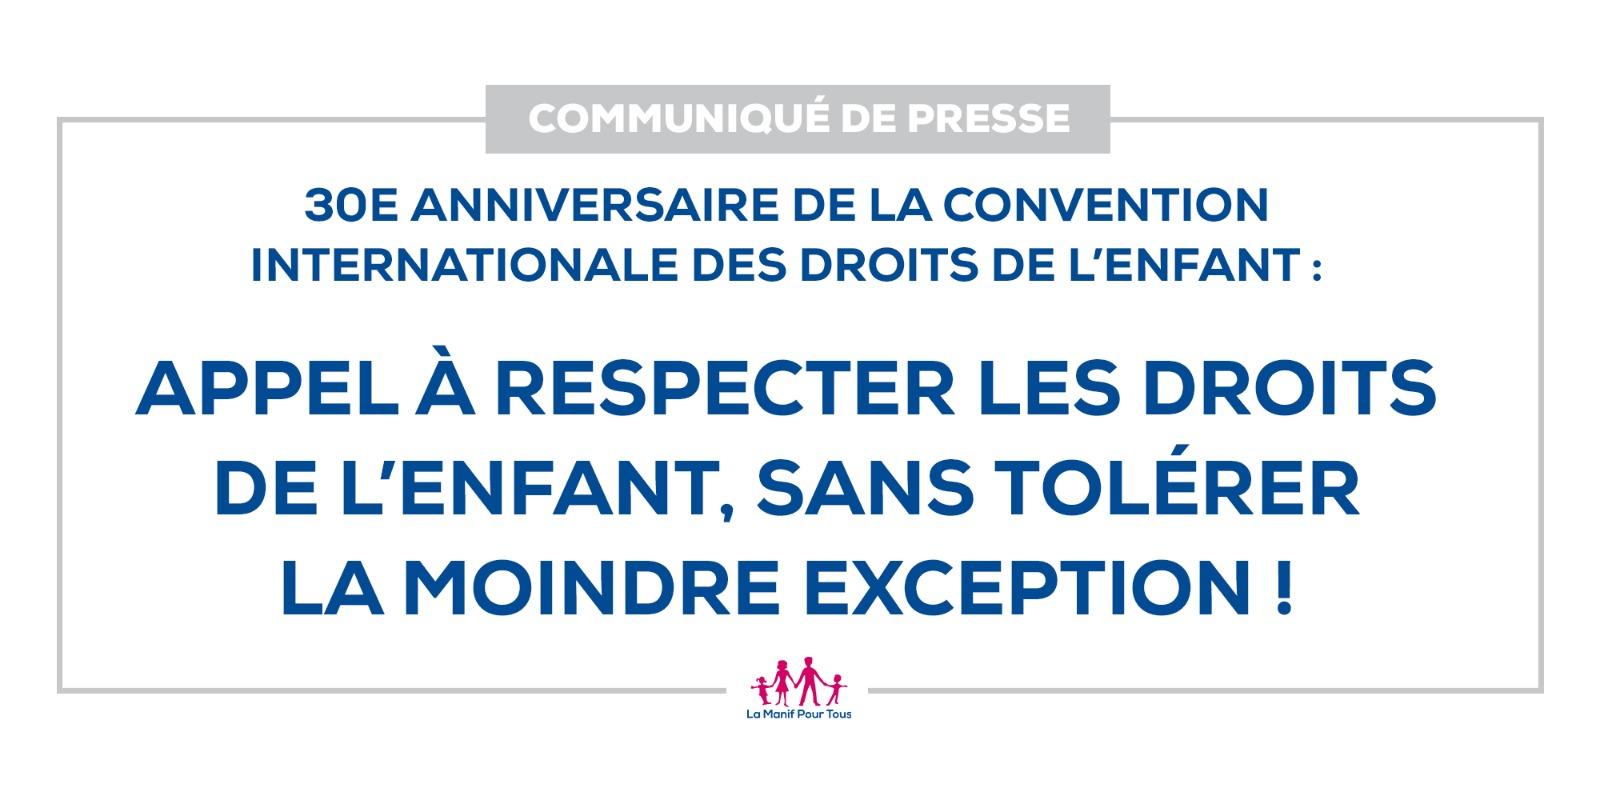 Image - CP – 30e anniversaire de la Convention internationale des droits de l'enfant : Appel à respecter les droits de l'enfant,  sans tolérer la moindre exception !